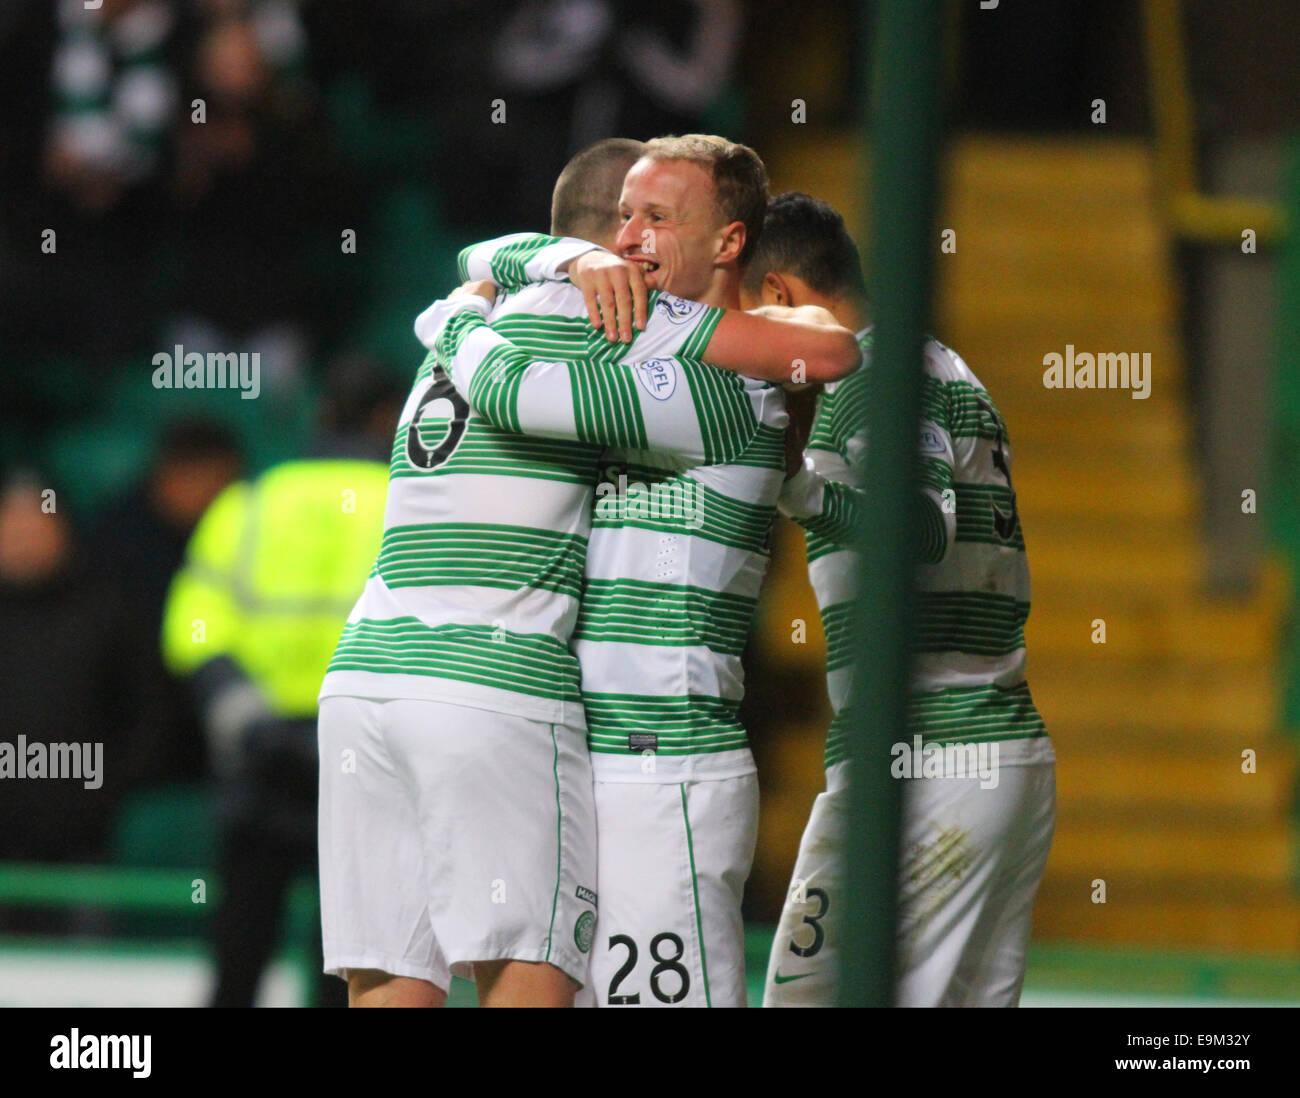 Glasgow, Scotland. 29th Oct, 2014. Scottish League Cup. Celtic versus Partick Thistle. Credit:  Action Plus Sports/Alamy - Stock Image